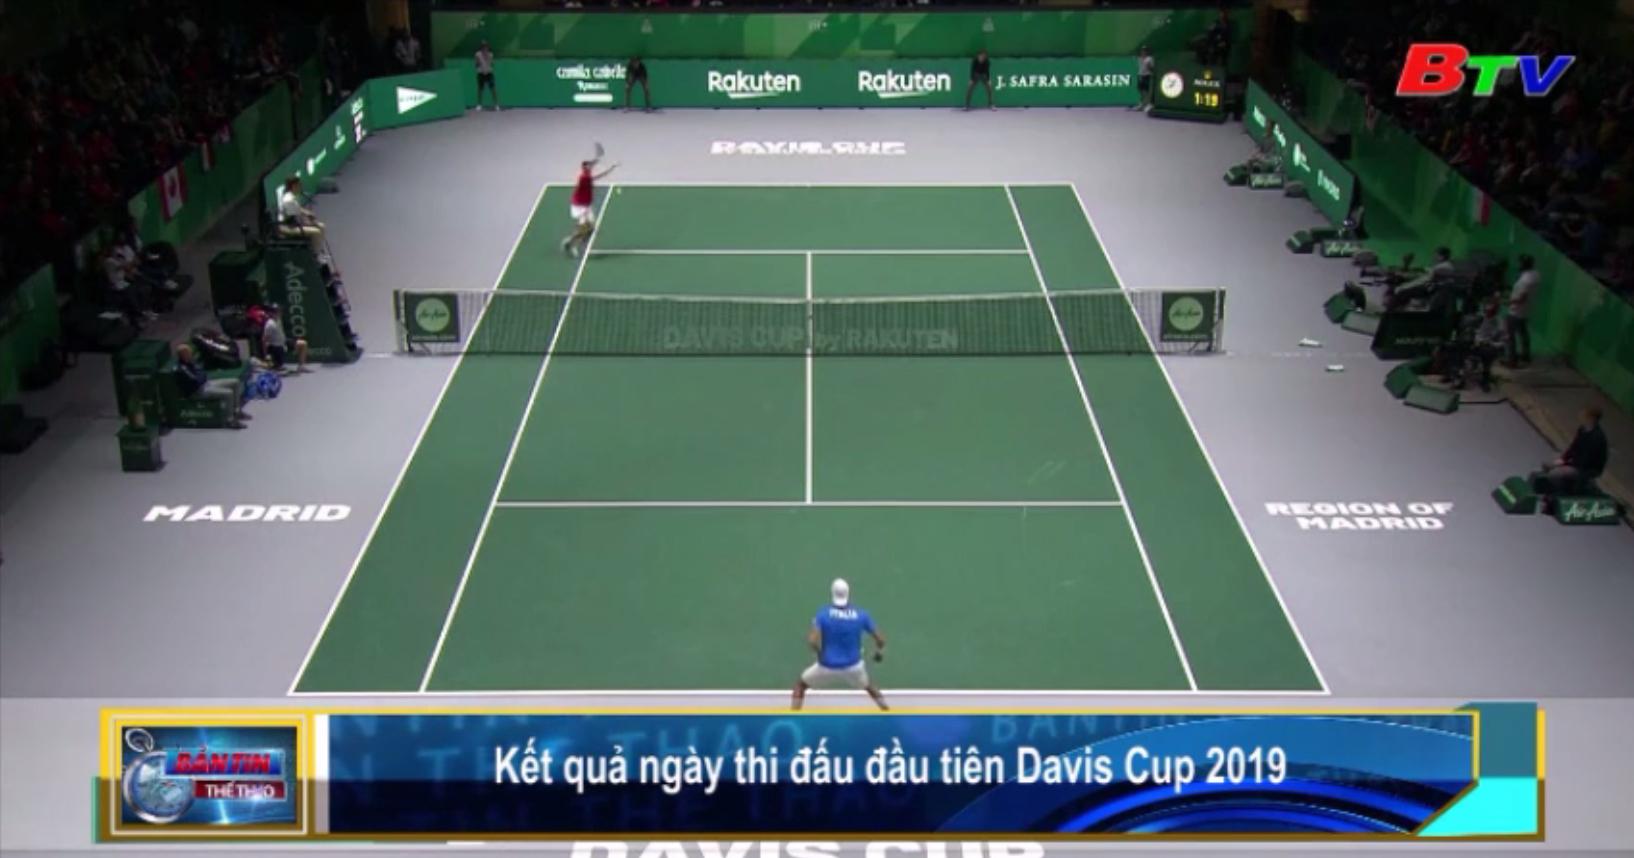 Kết quả ngày thi đấu đầu tiên Davis Cup 2019